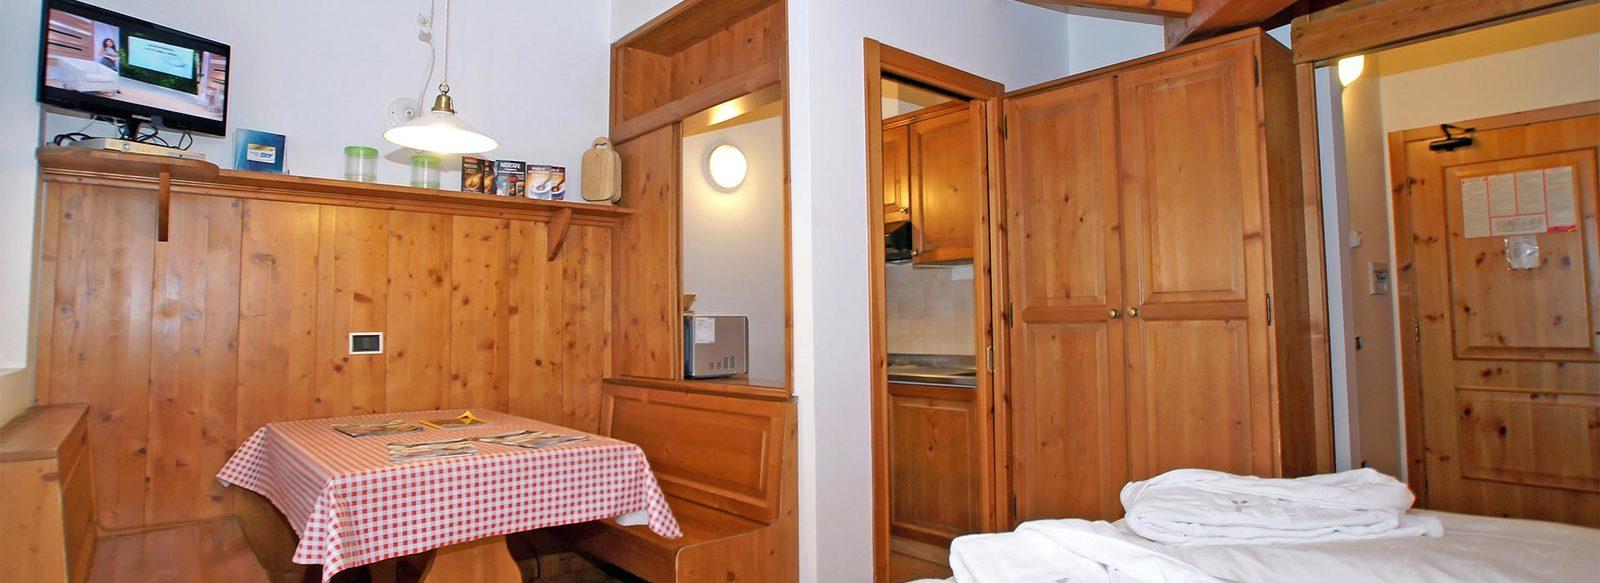 Sporting residence 3* nel cuore delle Dolomiti